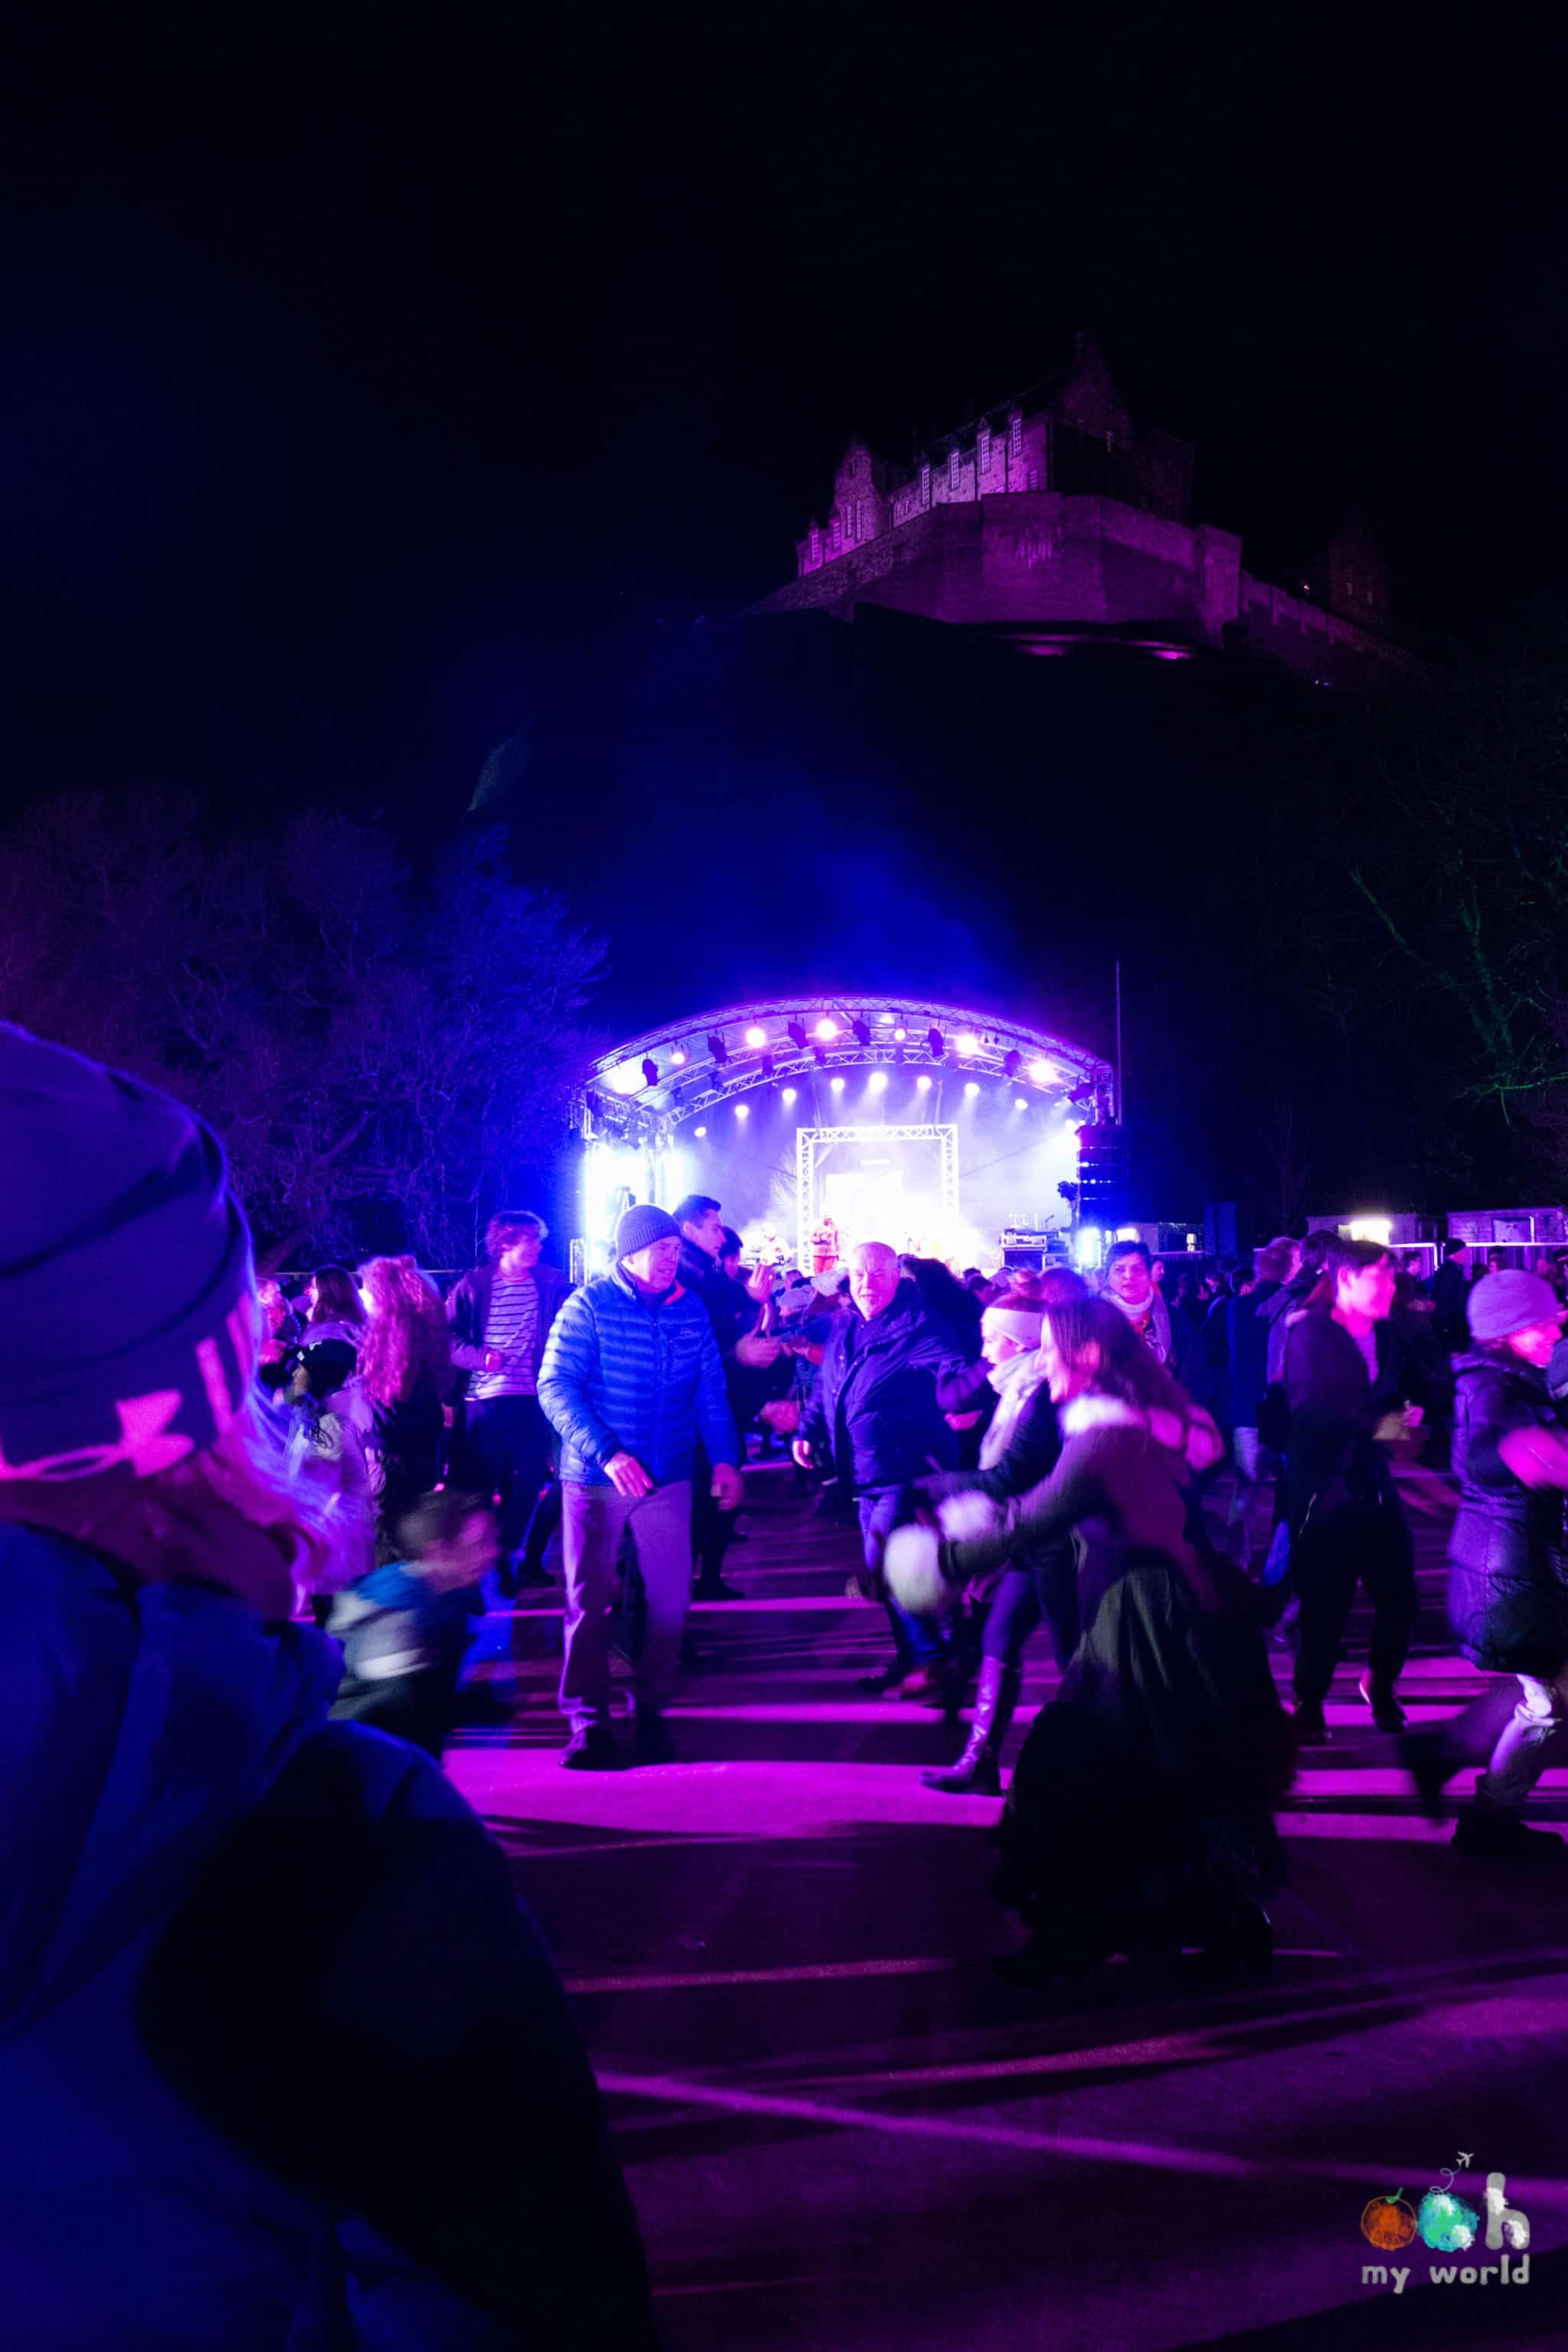 Hogmanay ceilidh au pied du chateau d'Edimbourg au nouvel an